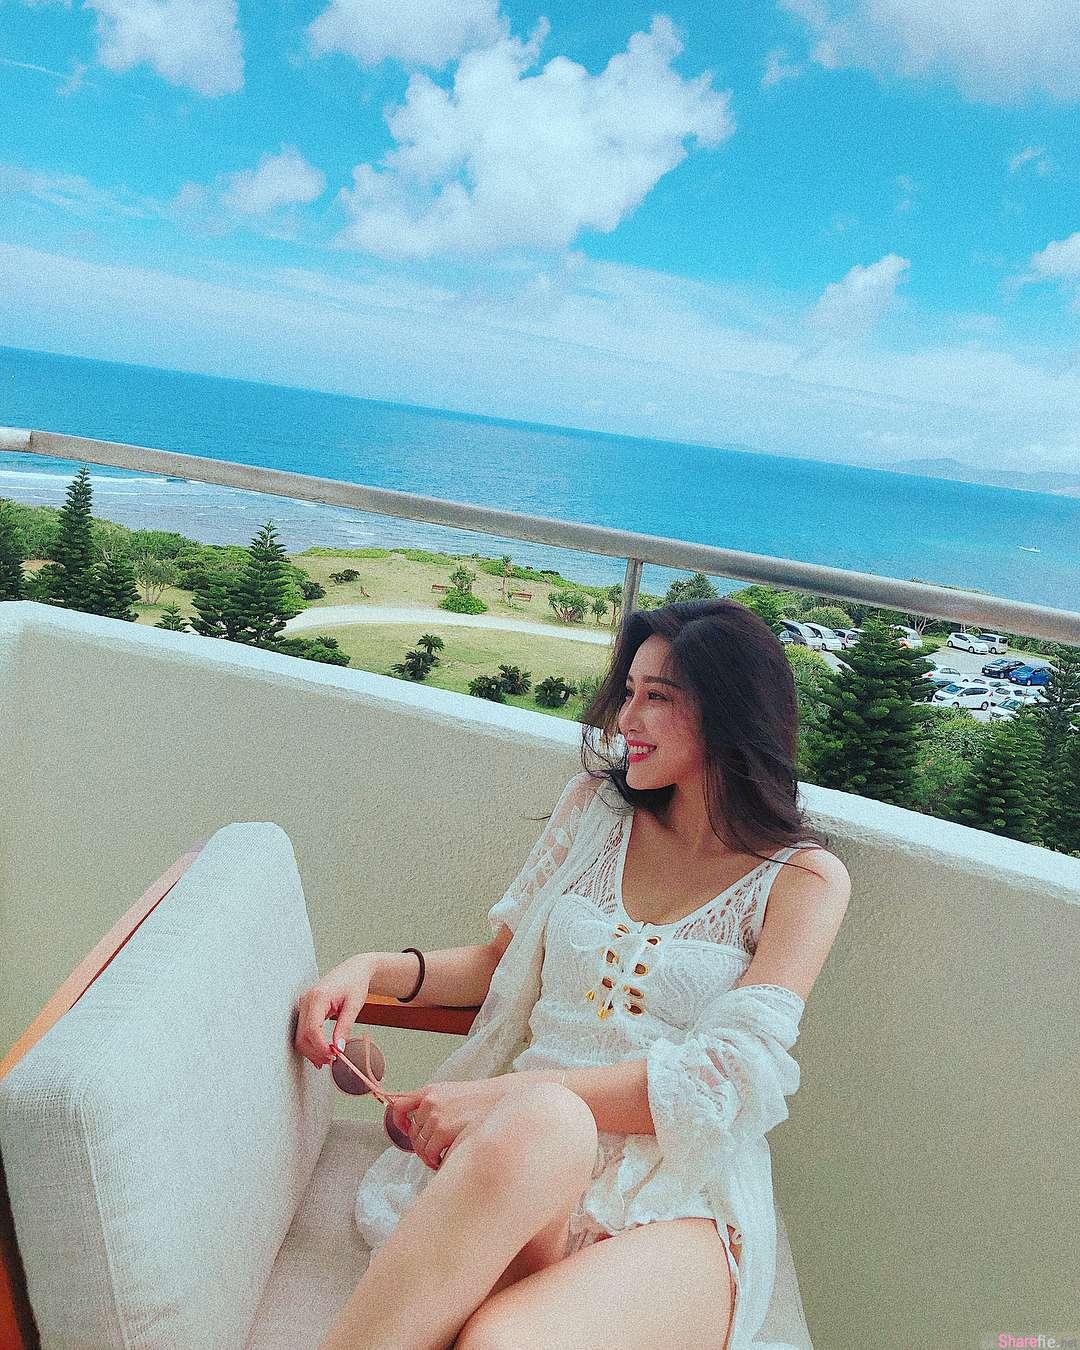 正妹小予日本沖縄旅游抱怨第一天就被晒黑,性感水蛇腰成焦点:每天都要很辣